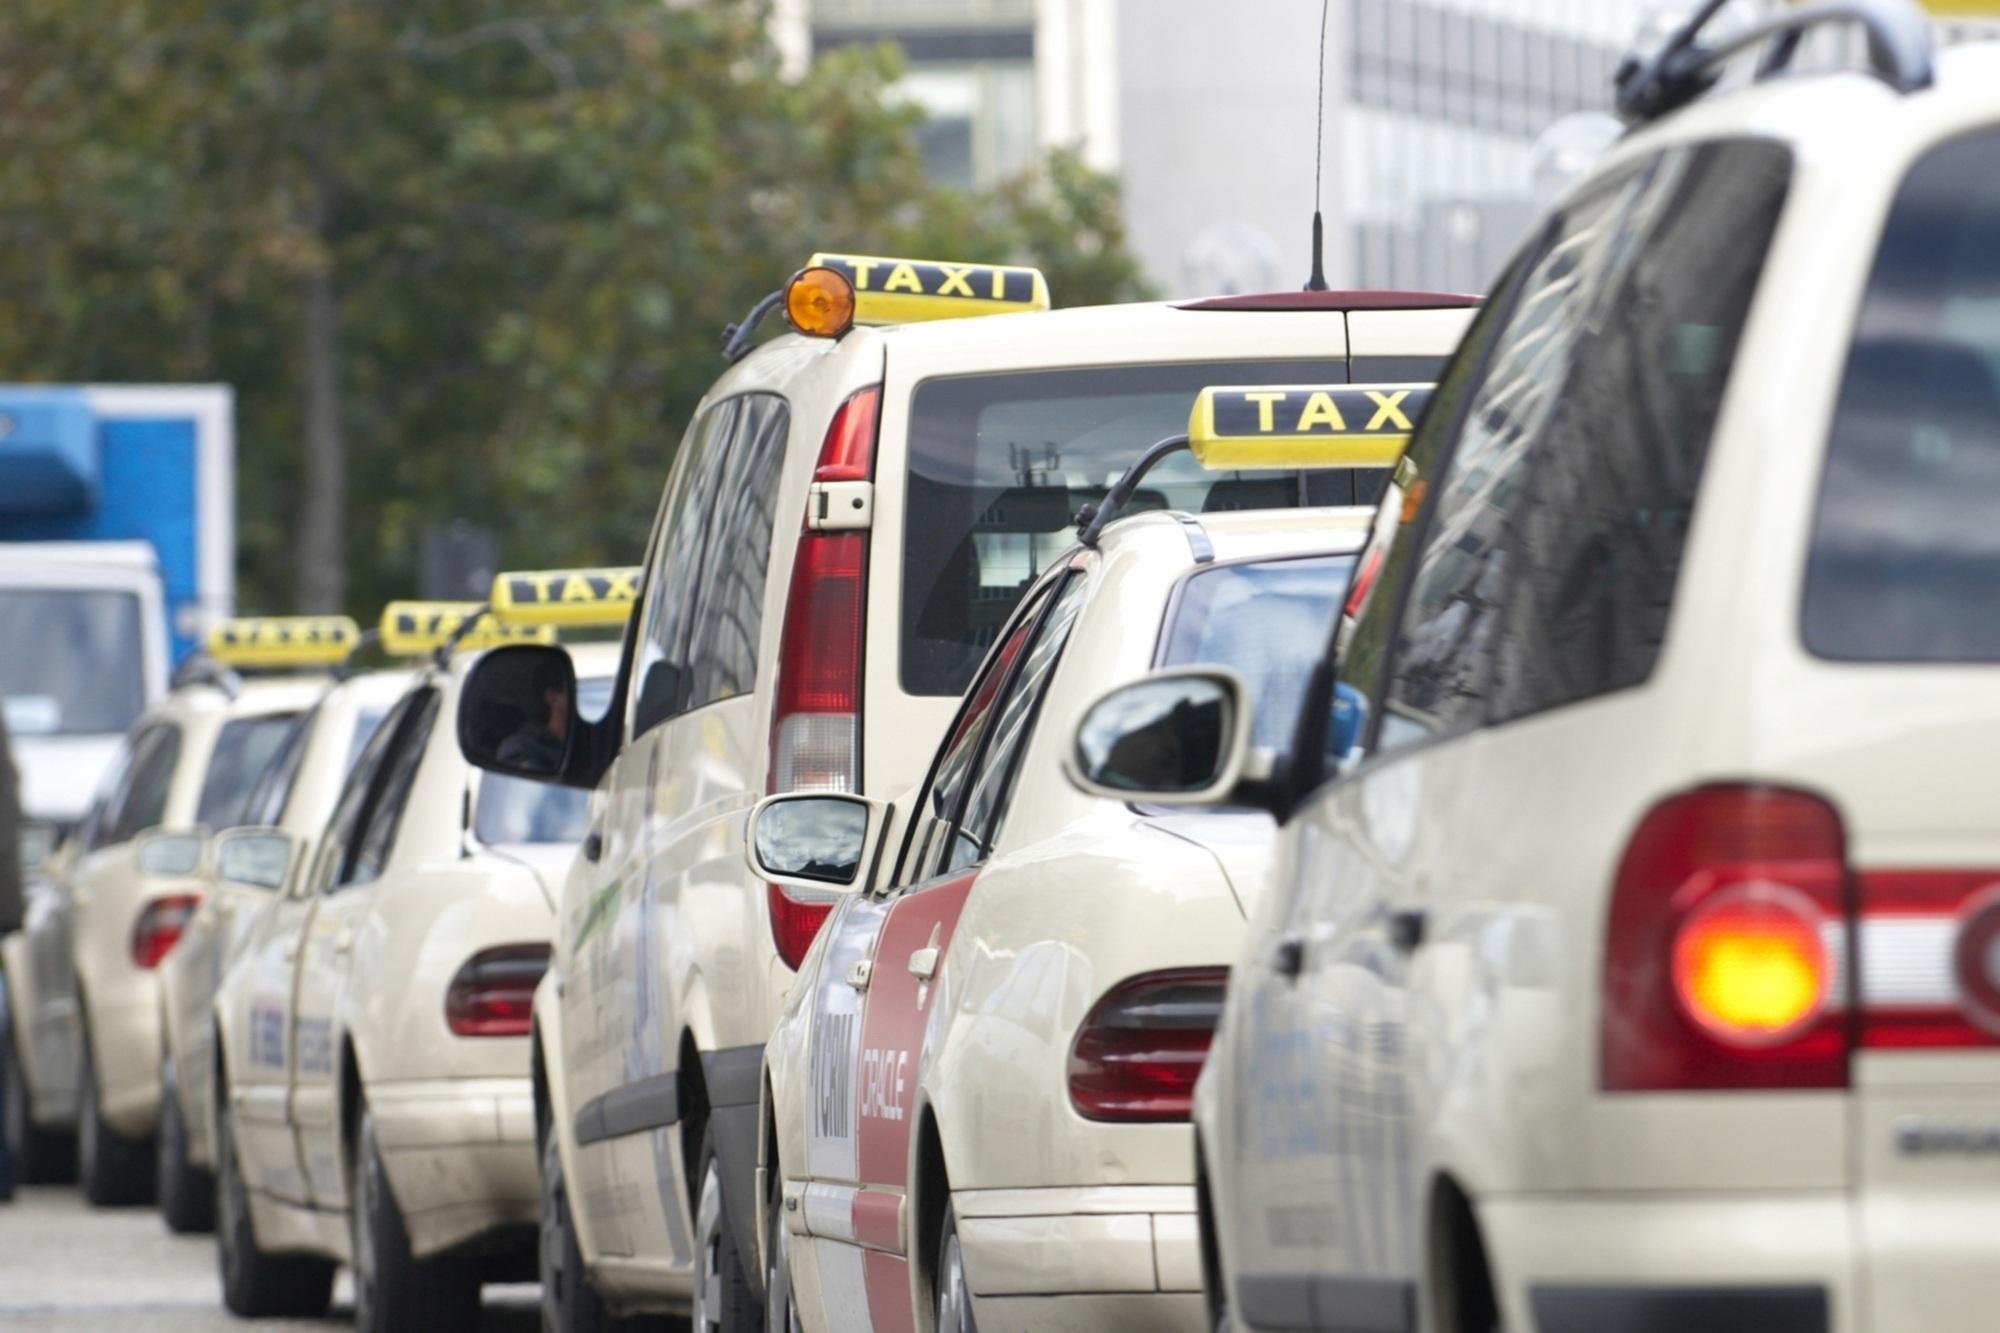 Auswirkung des Mindestlohns - Taxi-Fahrten werden viel teurer